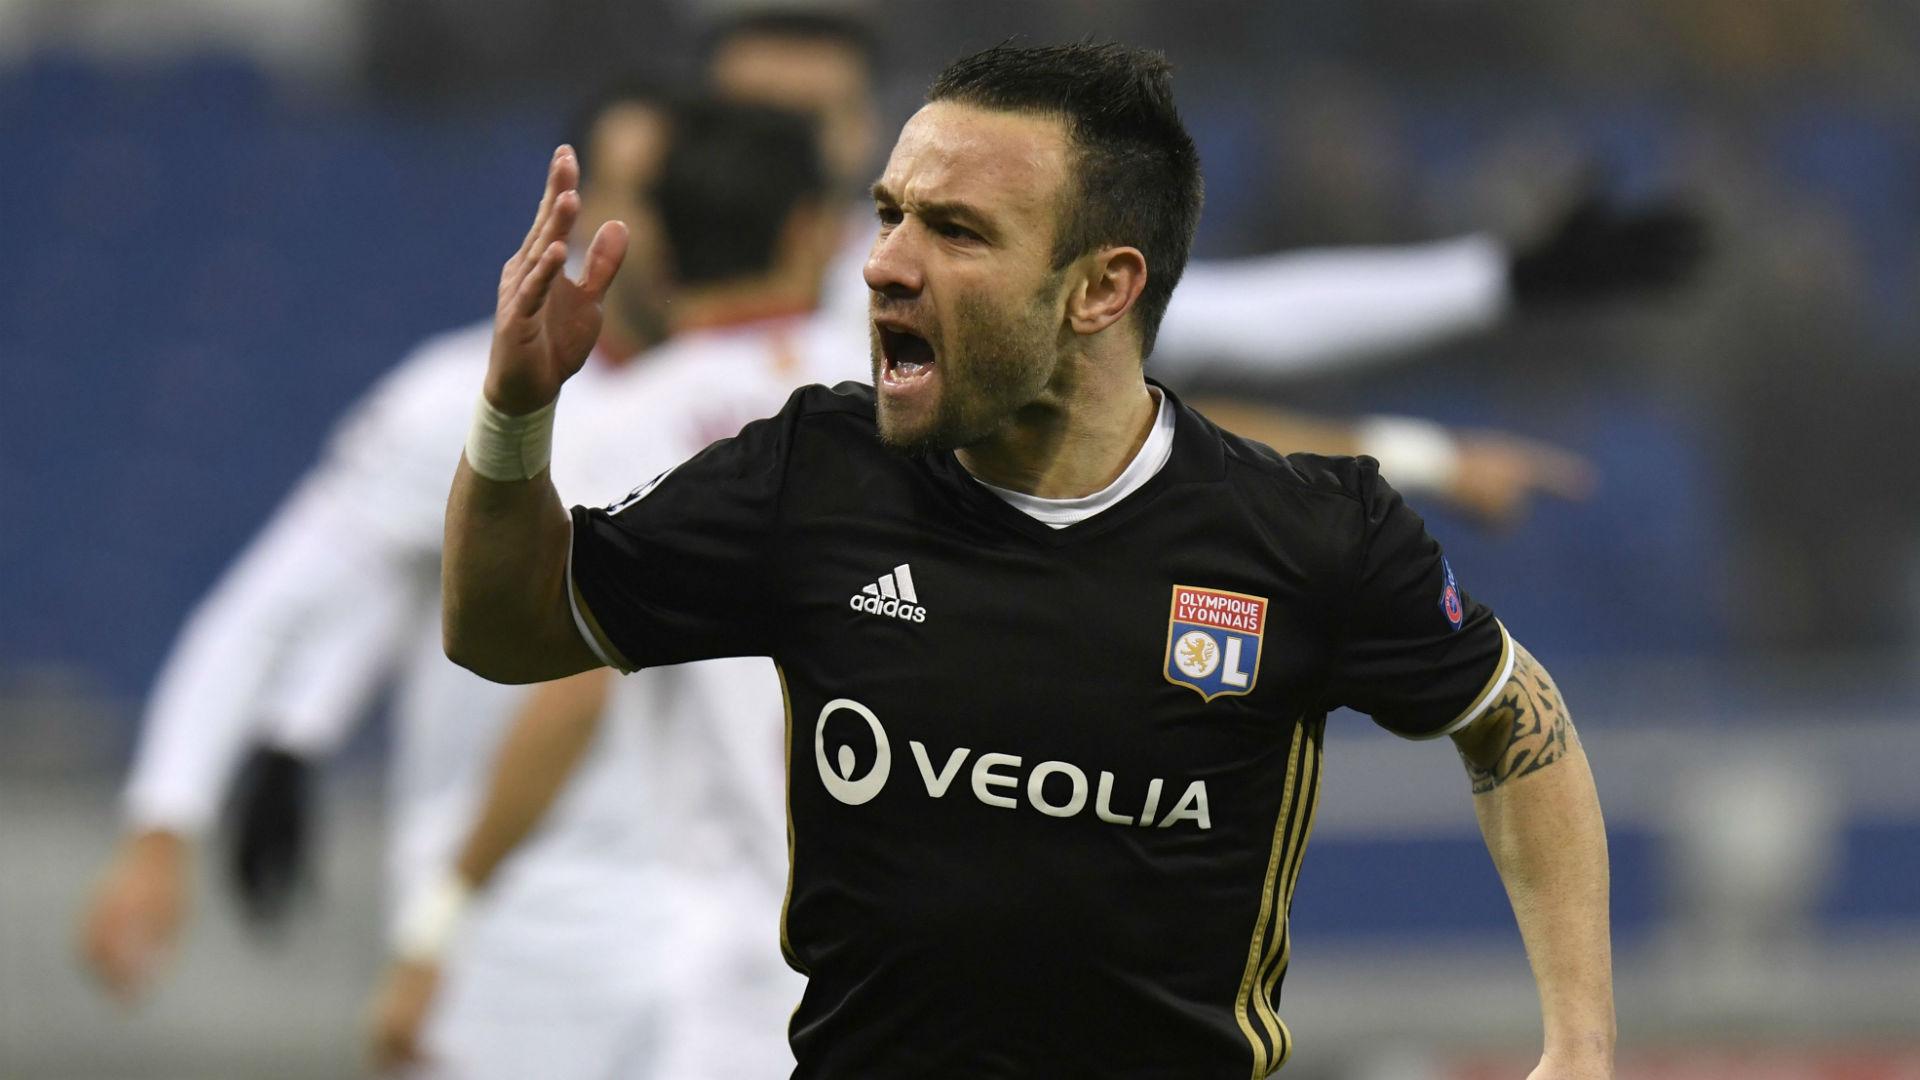 Mercato - OM : avant de signer à Lyon, Valbuena voulait revenir à Marseille !